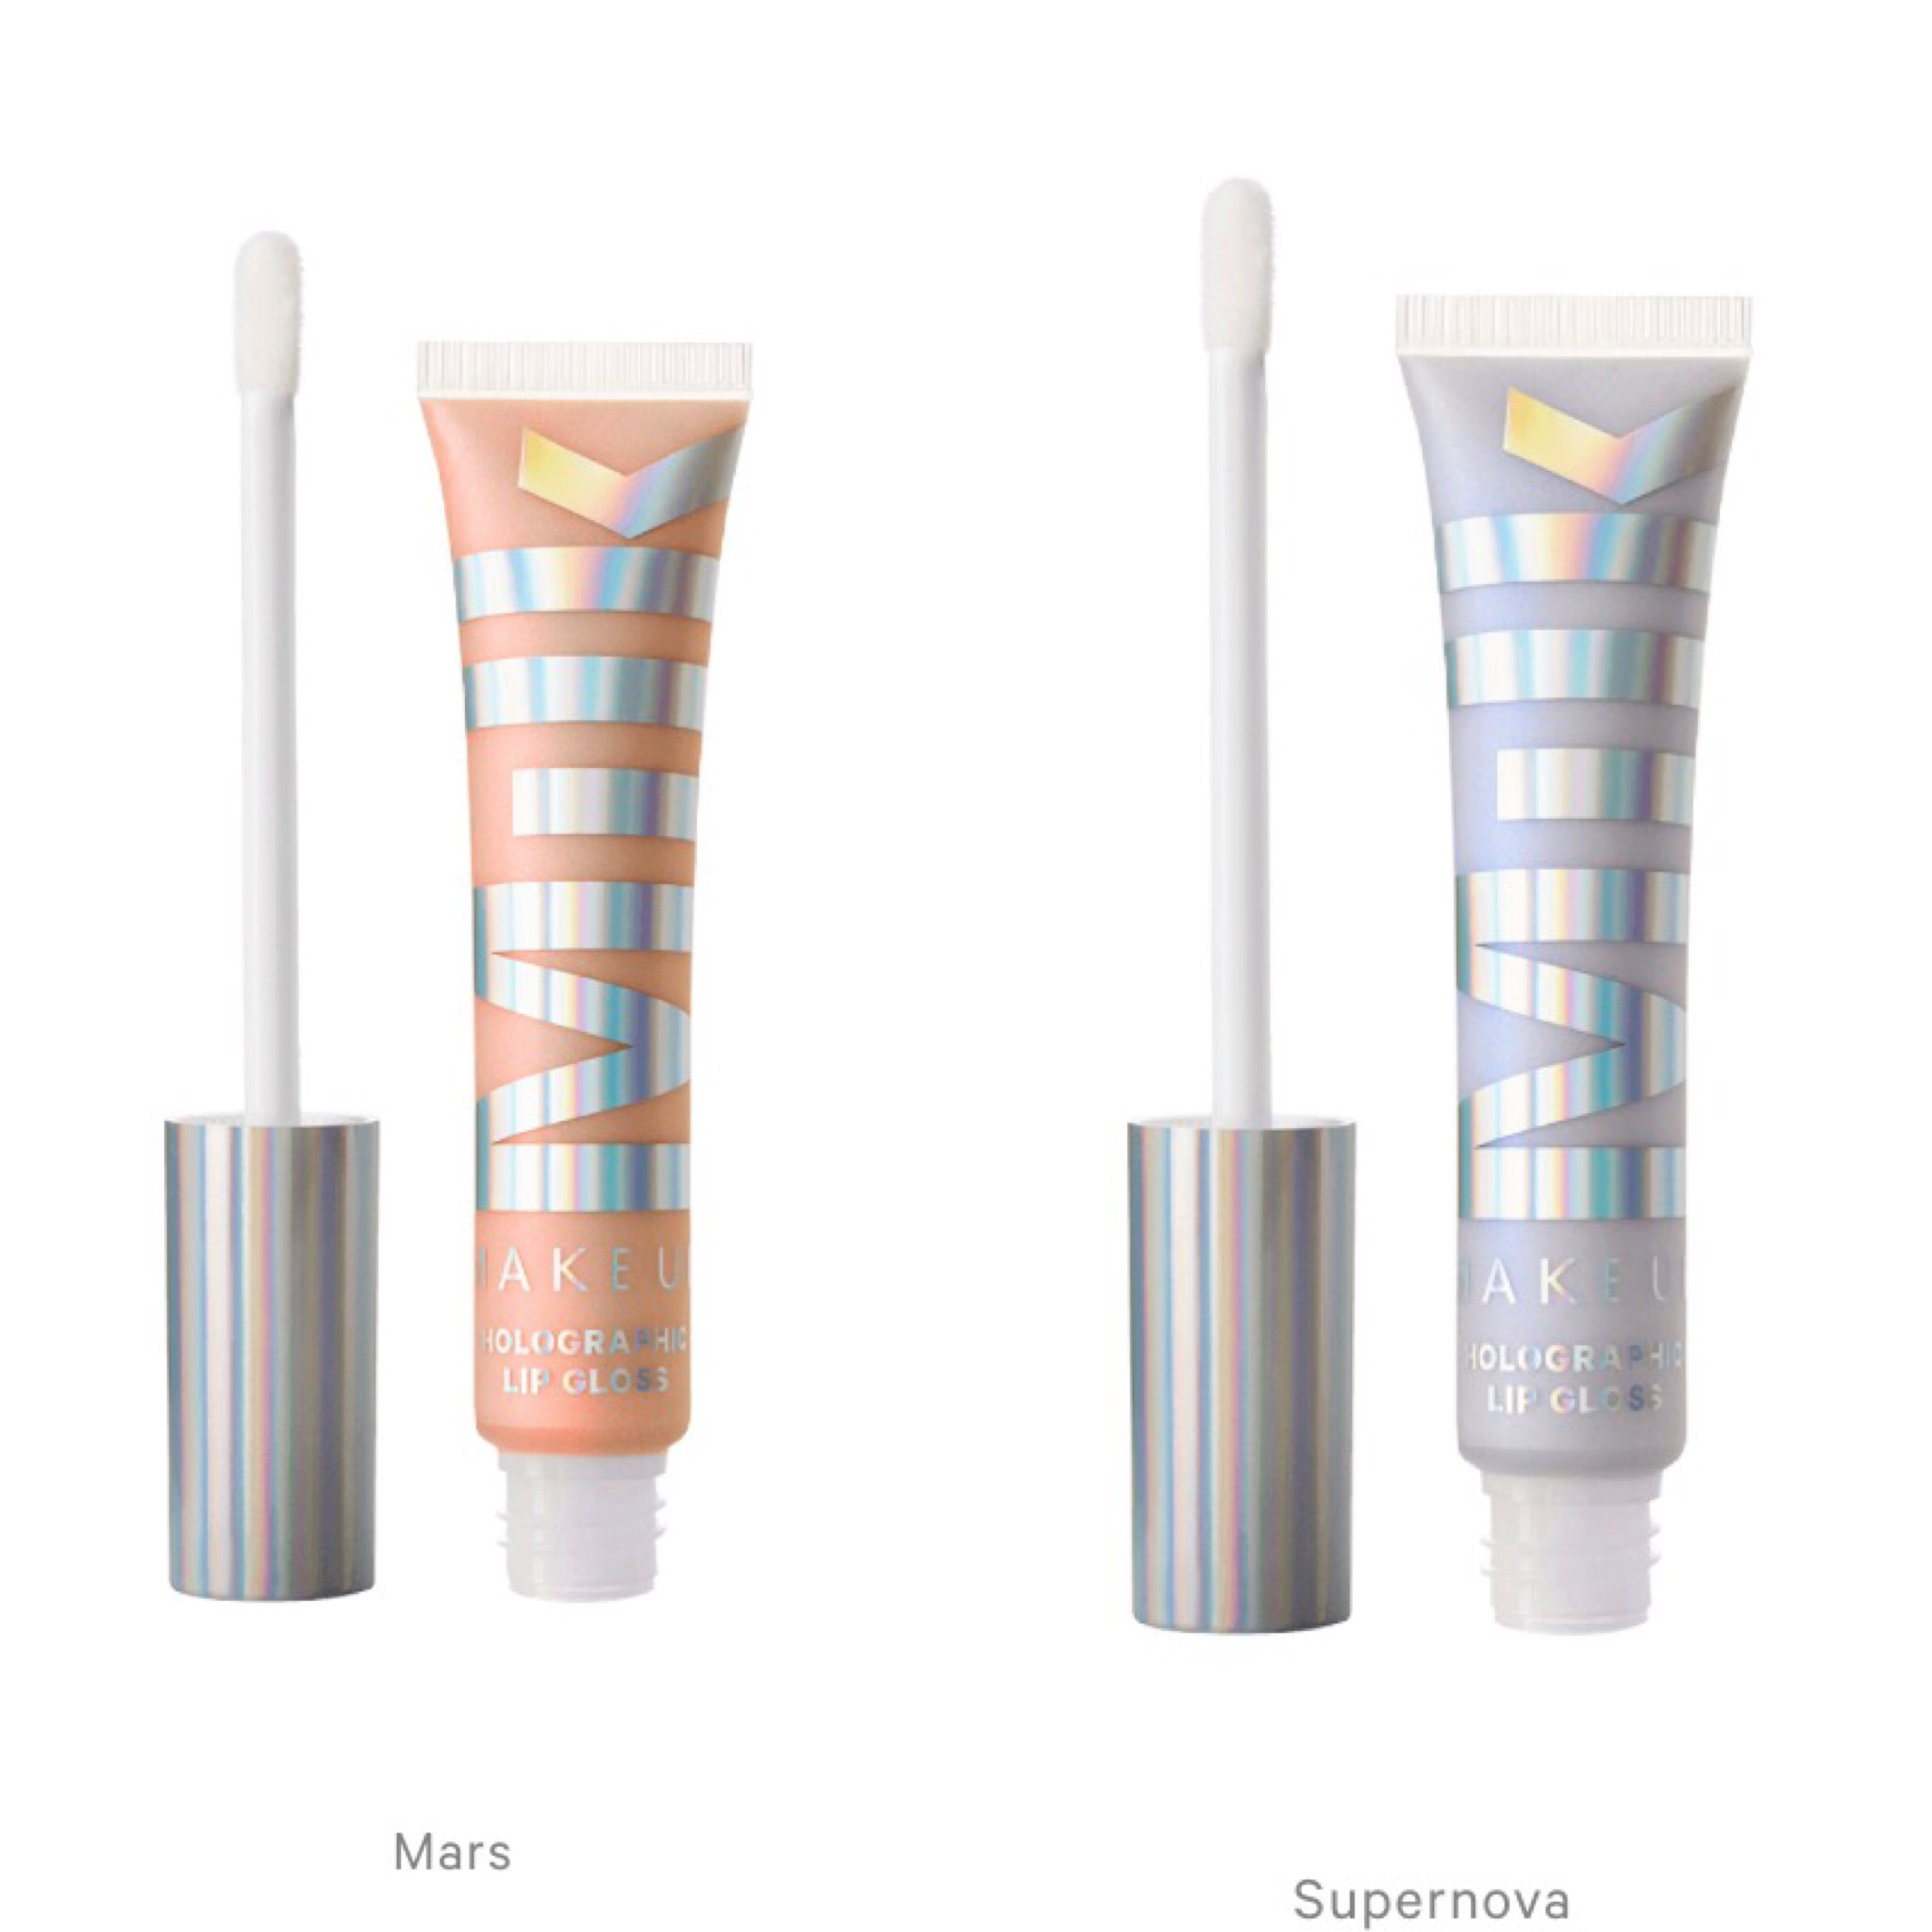 Milk Makeup Holographic Gloss- milkmakeup.com